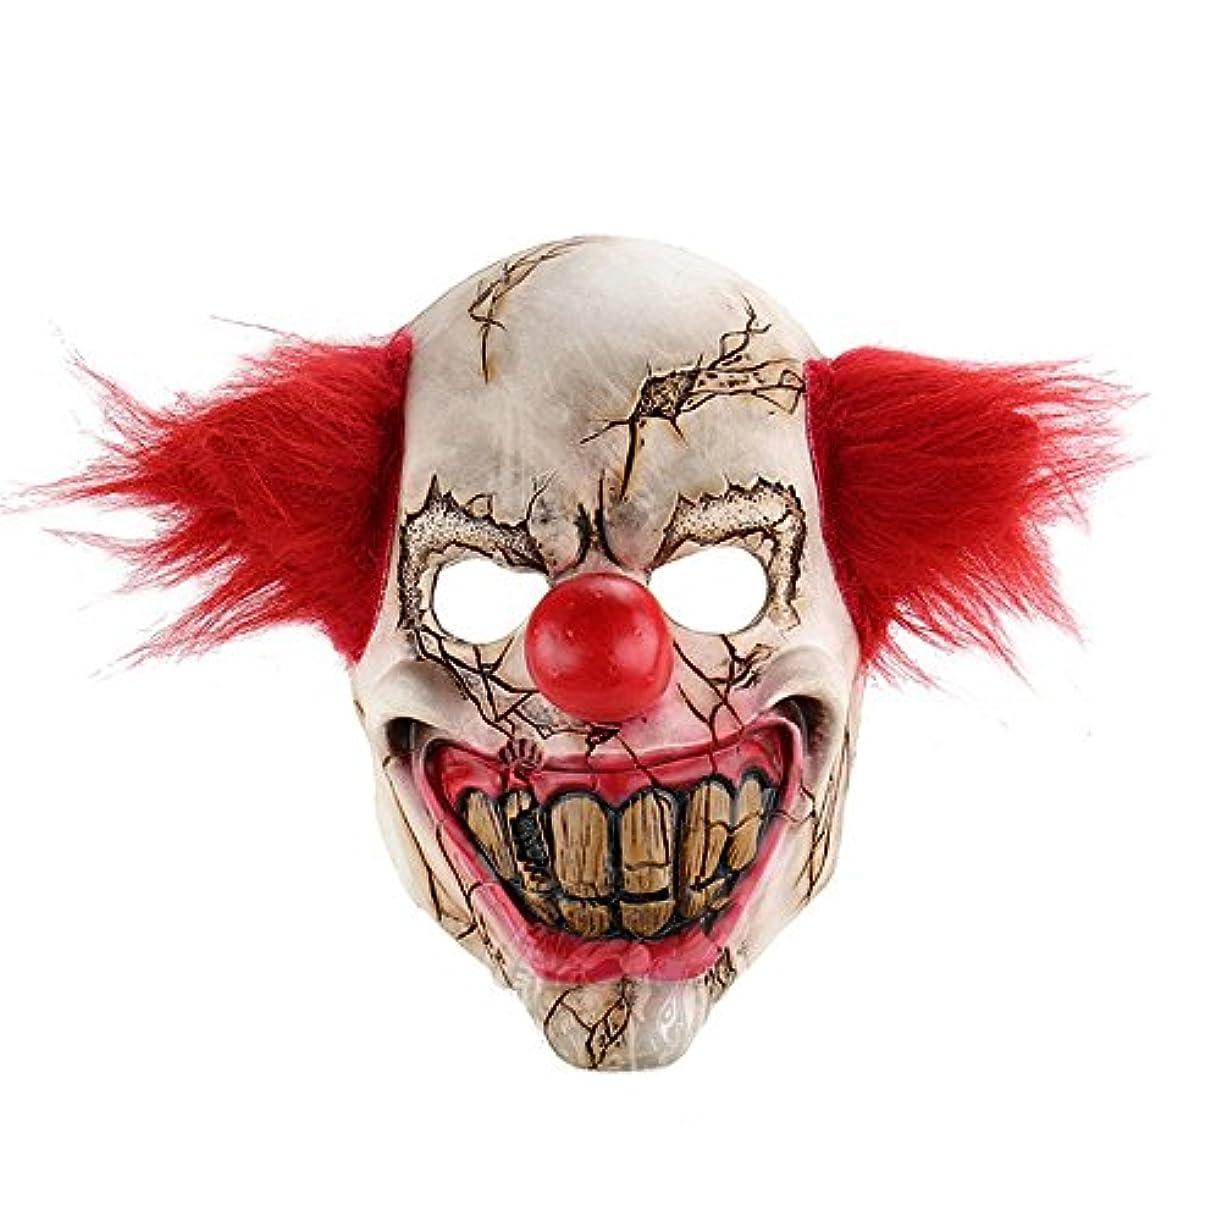 テクニカル出来事兵隊ホラーゴーストフェイスピエロハロウィーンクリスマス婚約バーダンスパーティー小道具奇妙なラテックス怖いマスク